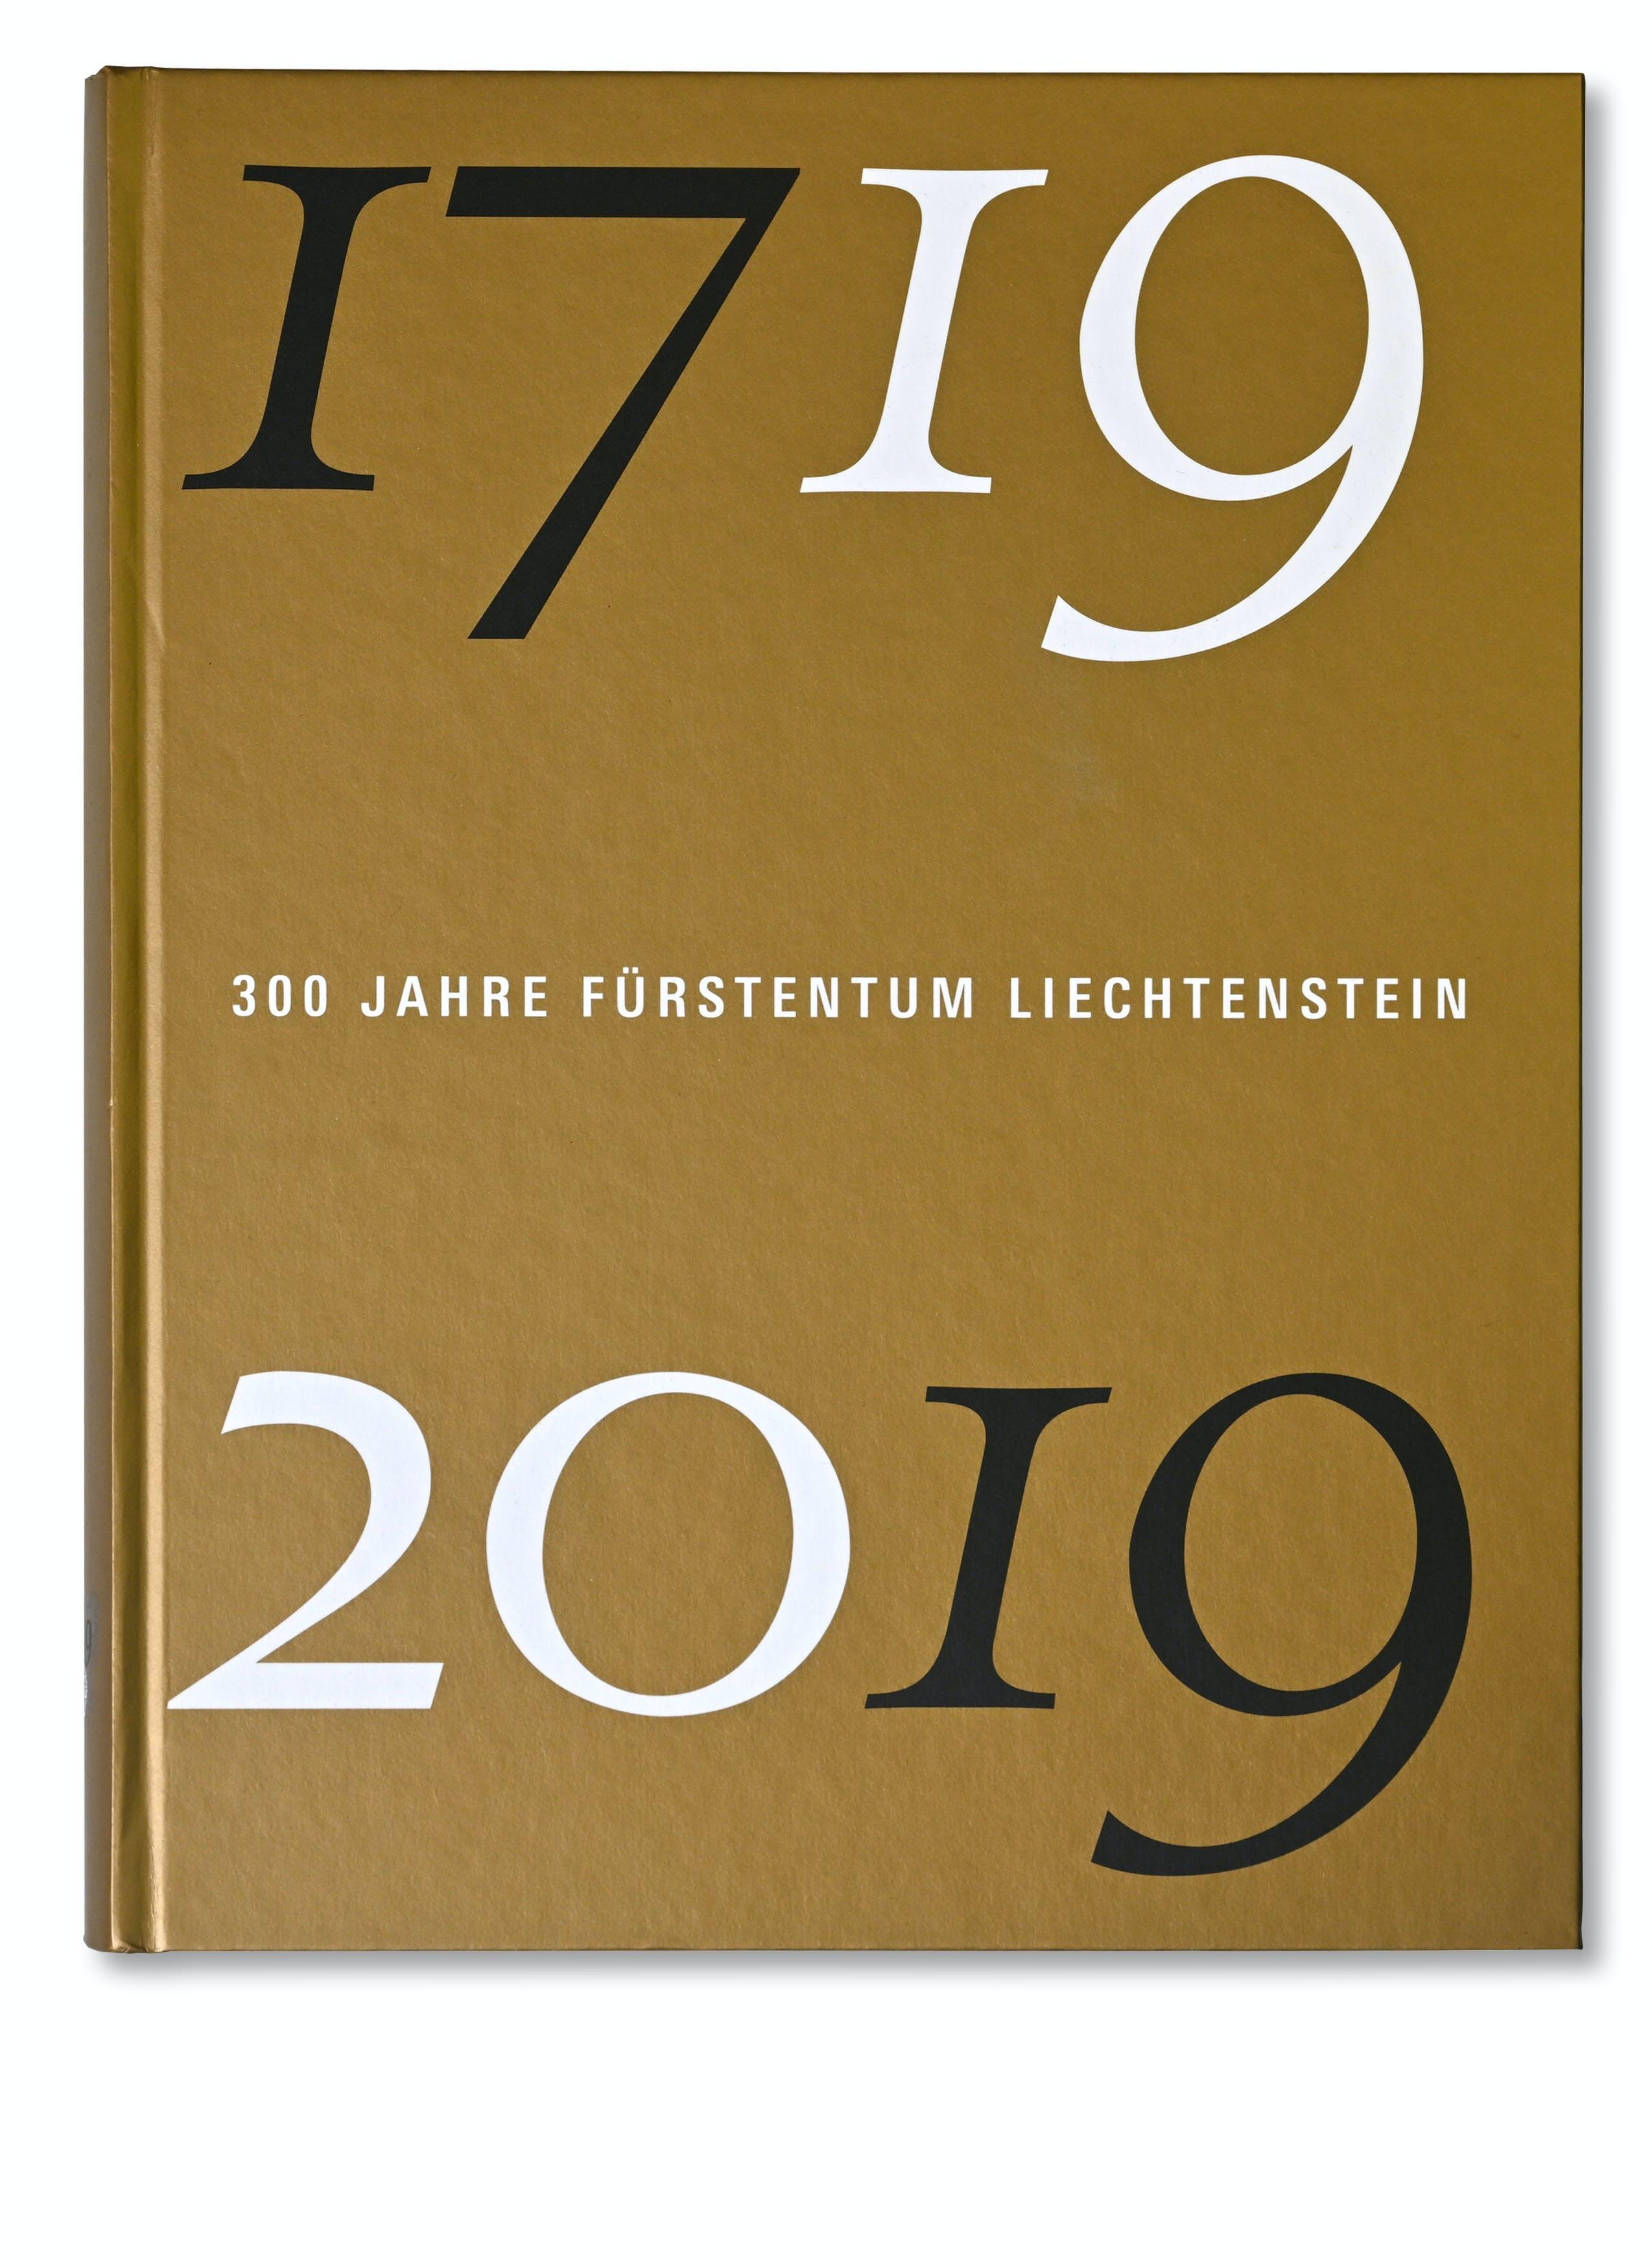 Publikation 1719 - 300 Jahre Fürstentum Liechtenstein